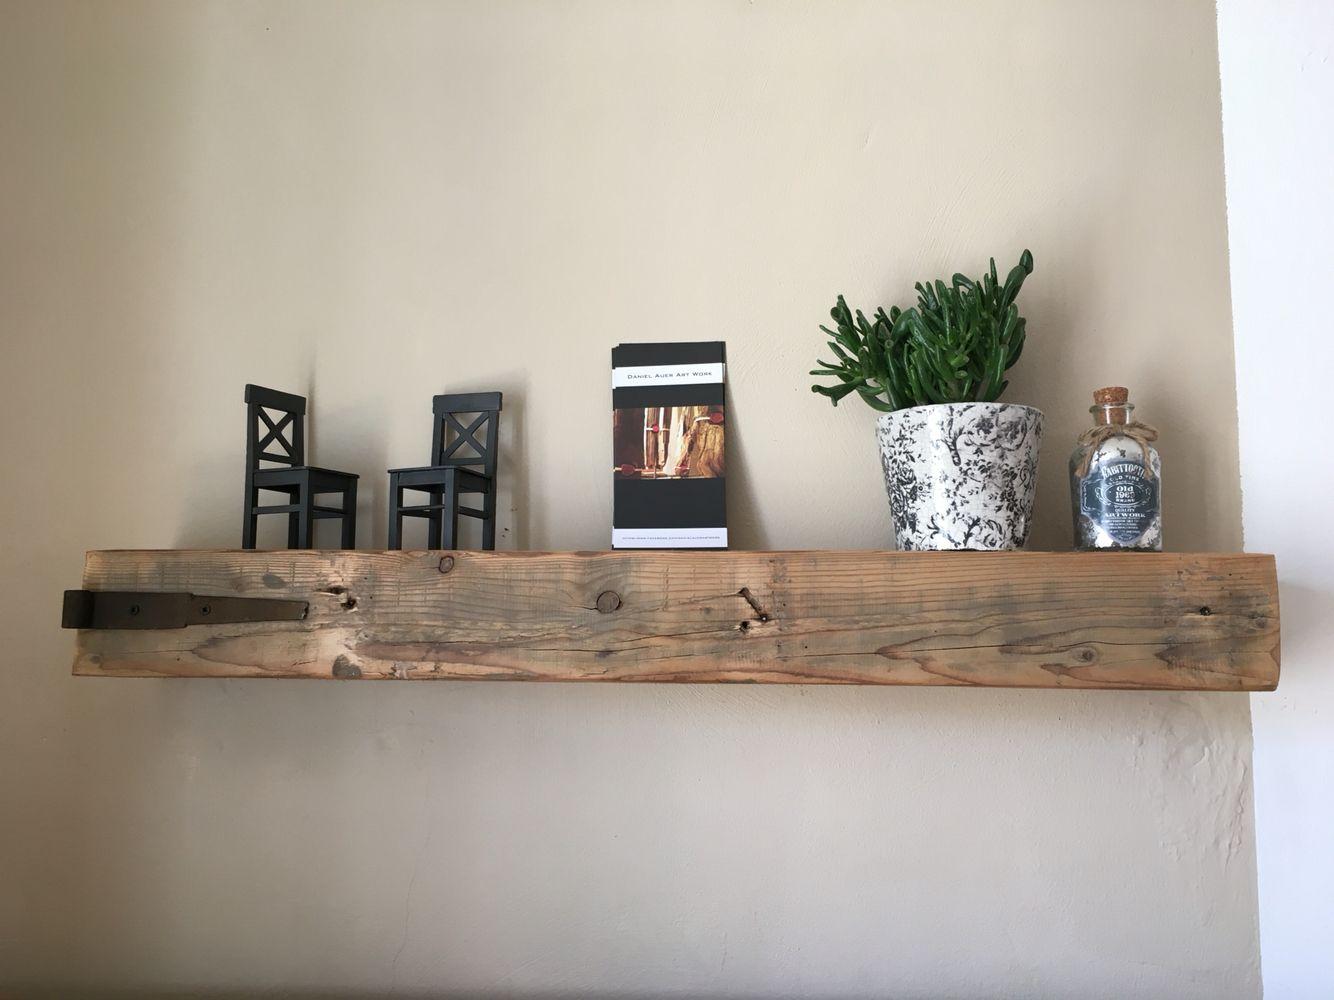 Wohnzimmermöbel Holz ~ Regal wandbord wohnzimmer holz design daniel auer art